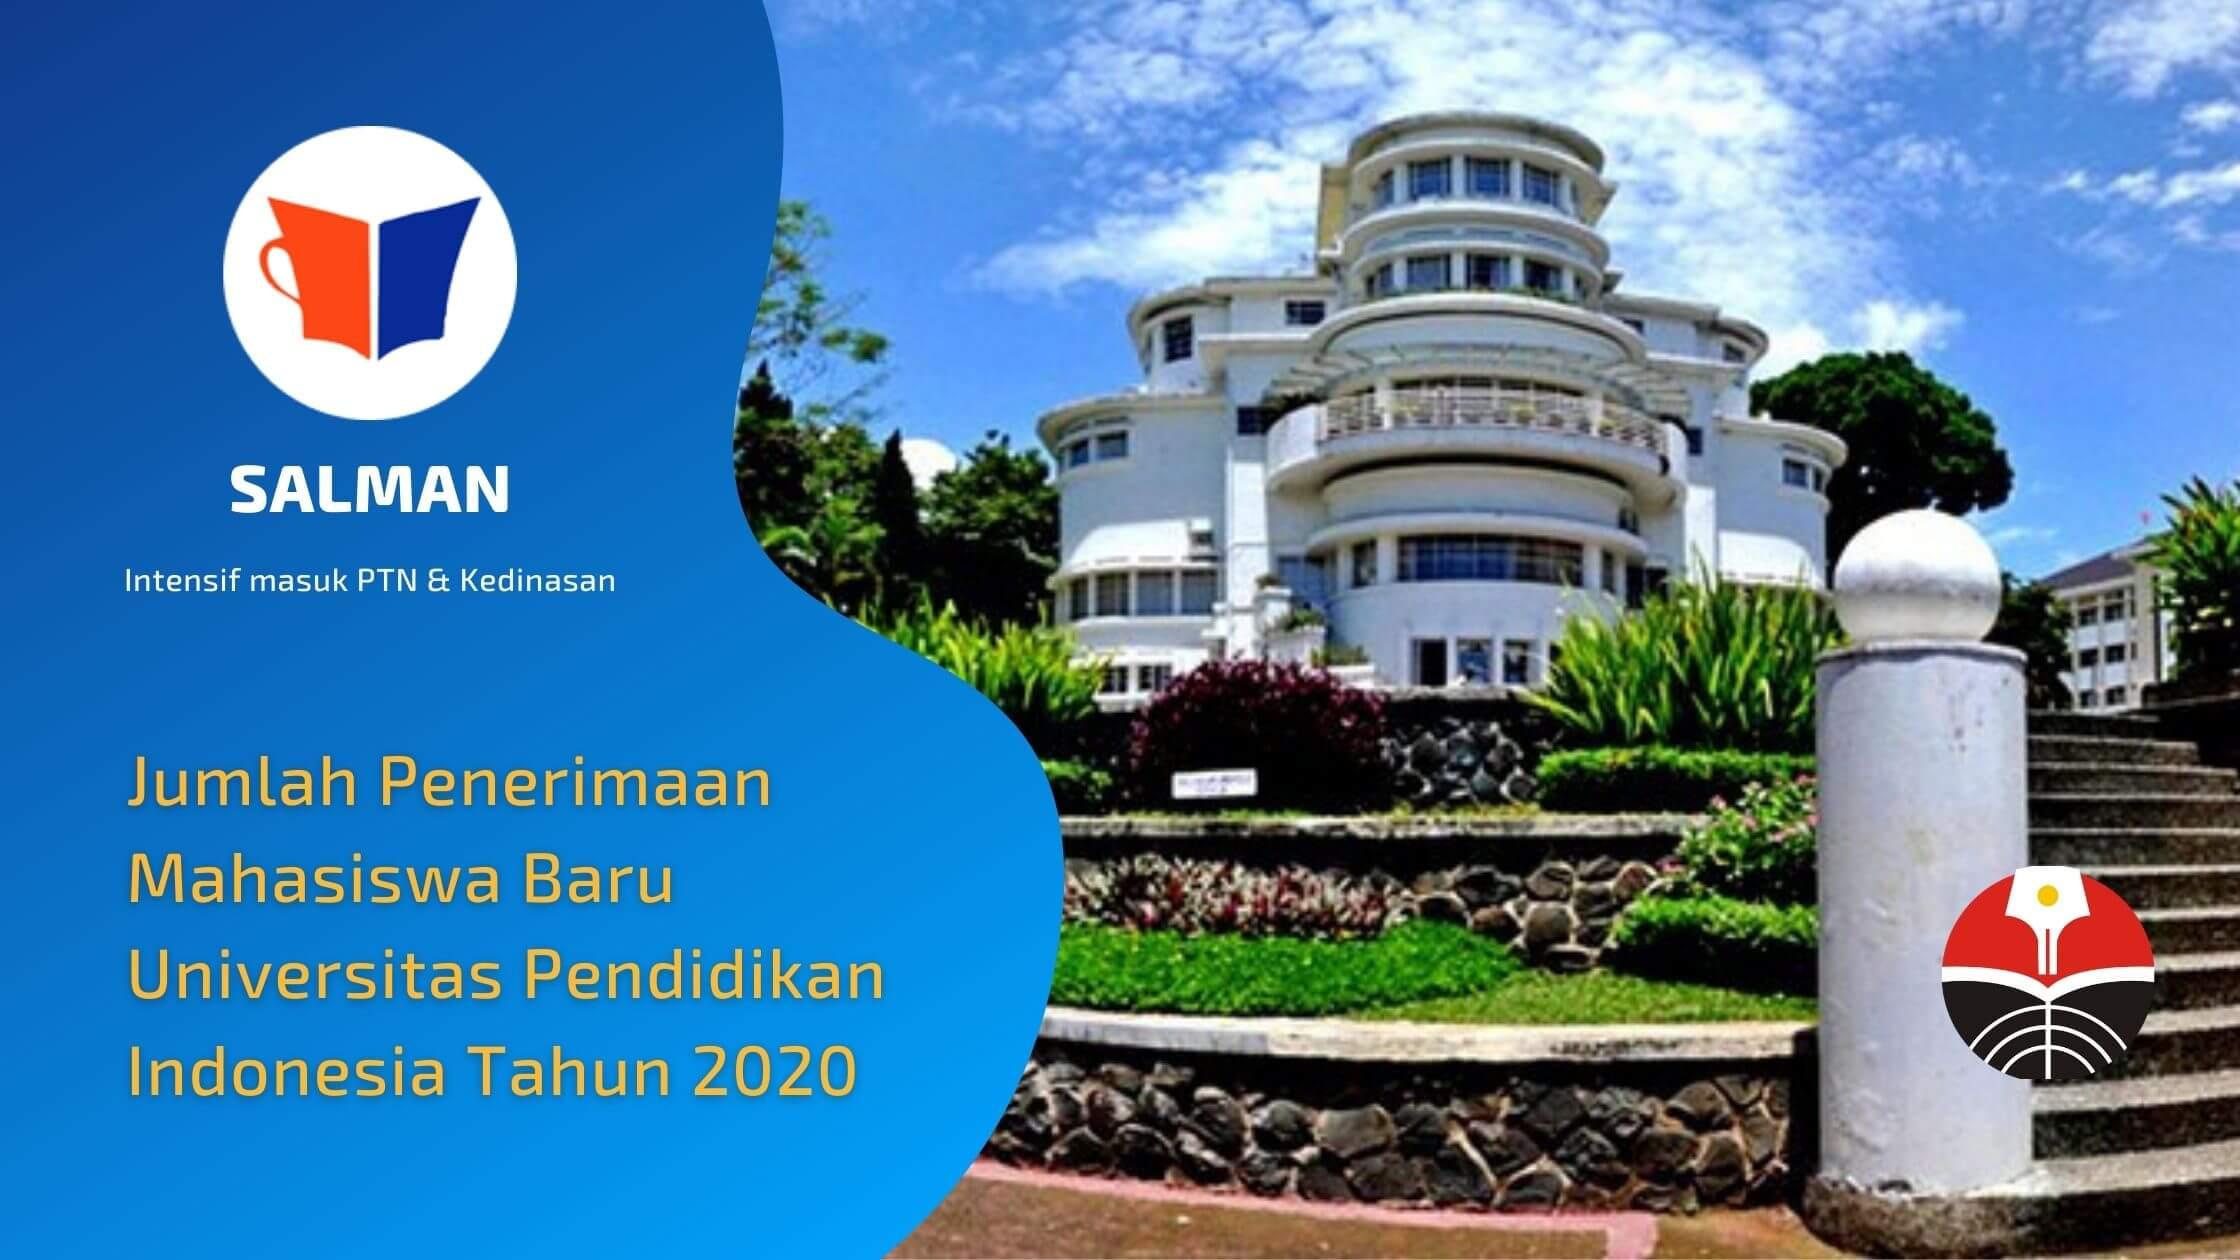 Jumlah Penerimaan Mahasiswa Baru Universitas Pendidikan Indonesia Tahun 2020